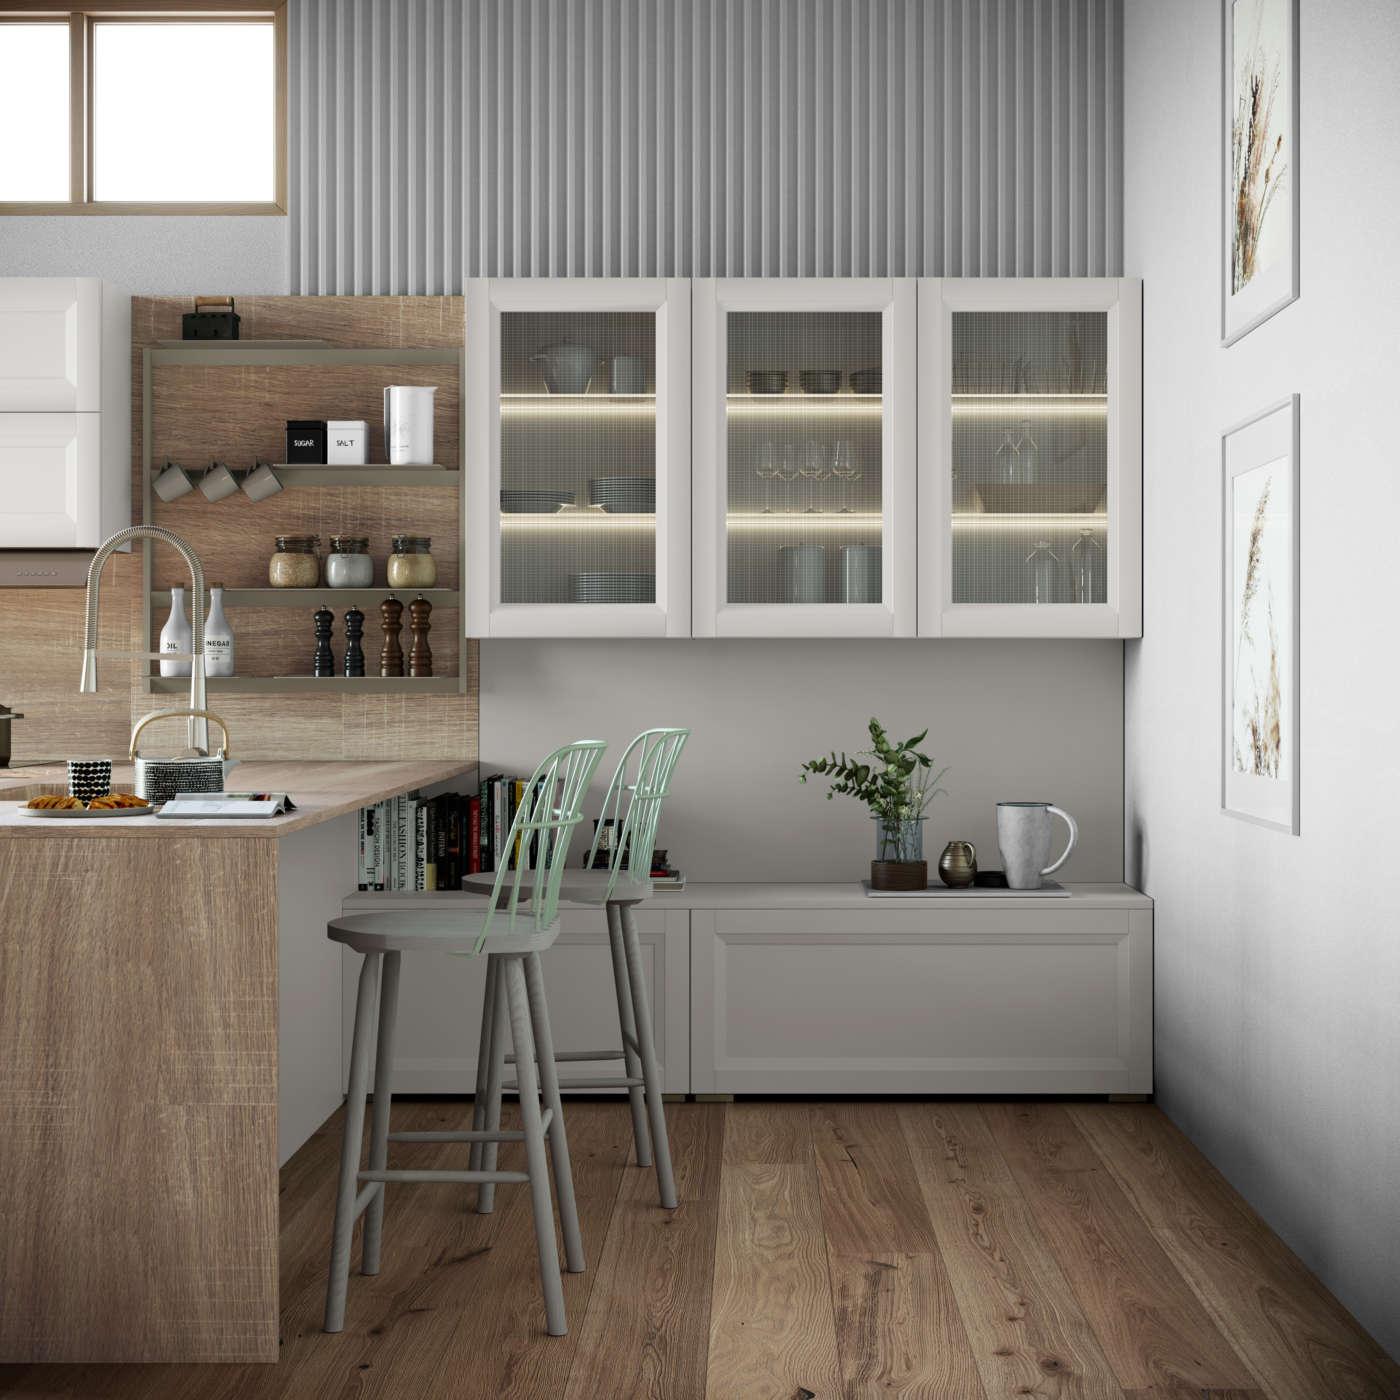 Creo Kitchens Lancia La Cucina Smart Ambiente Cucina